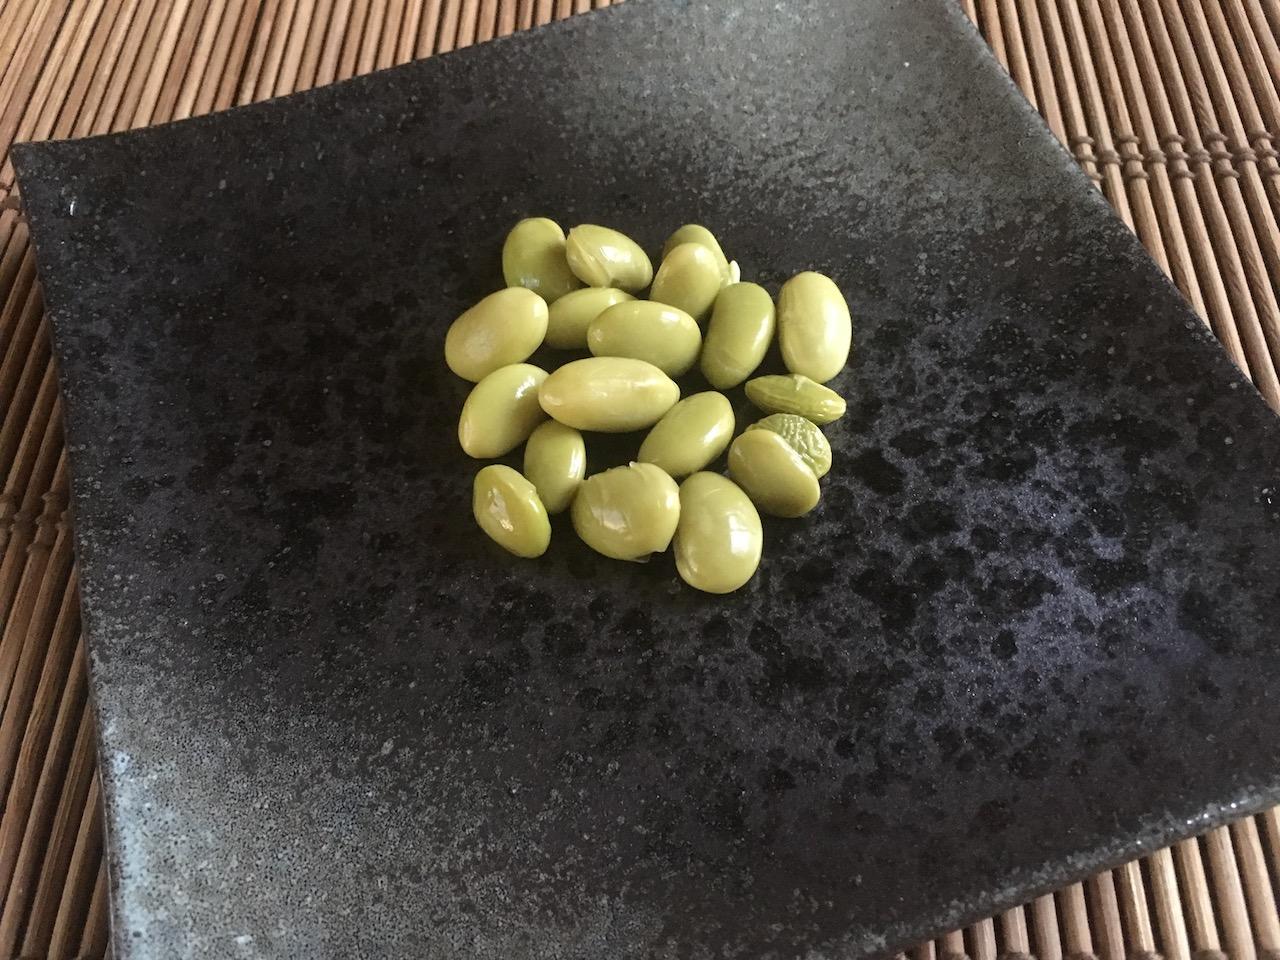 お茶パックを使って作った枝豆のぬか床